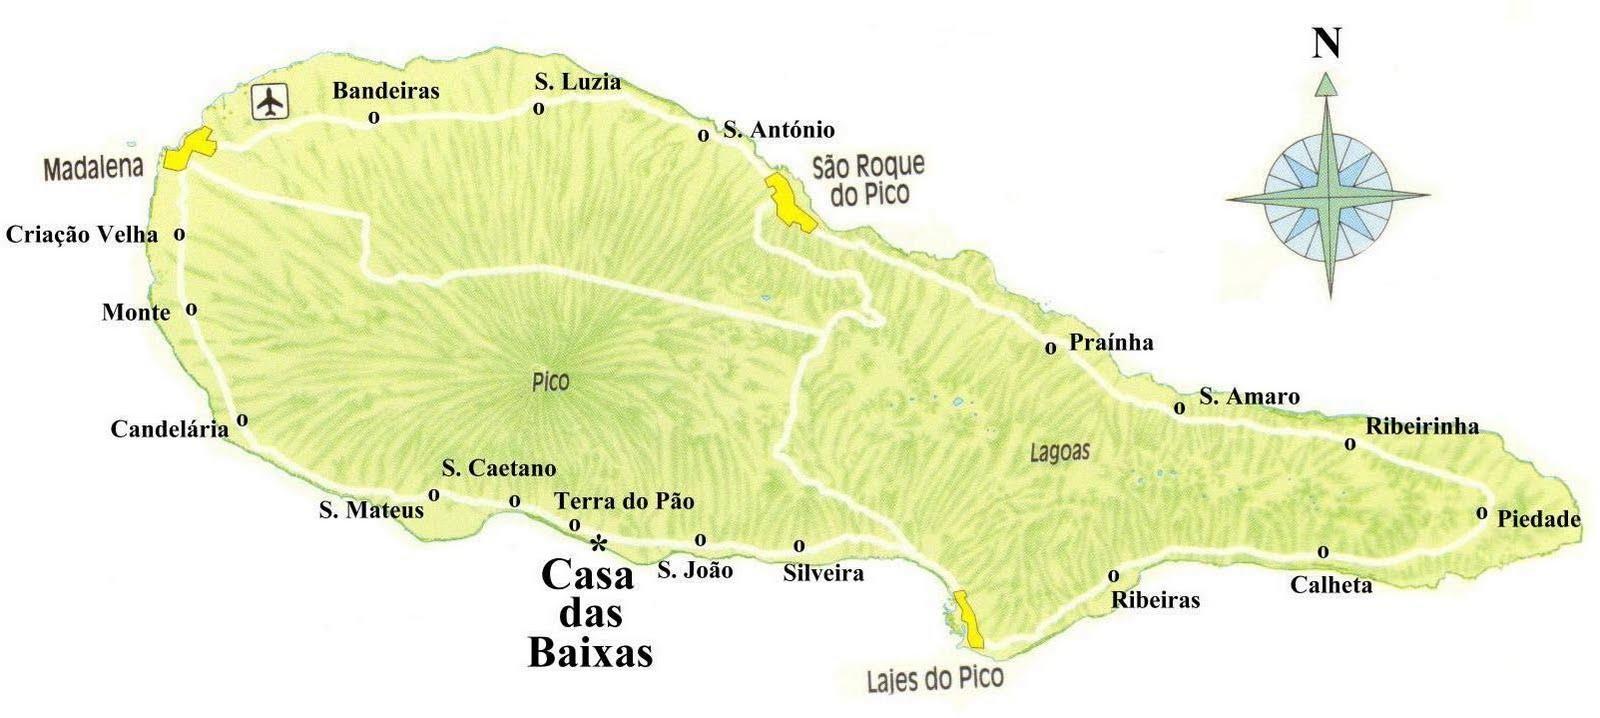 mapa do pico açores mapa do pico | Clube de Vinhos Portugueses mapa do pico açores